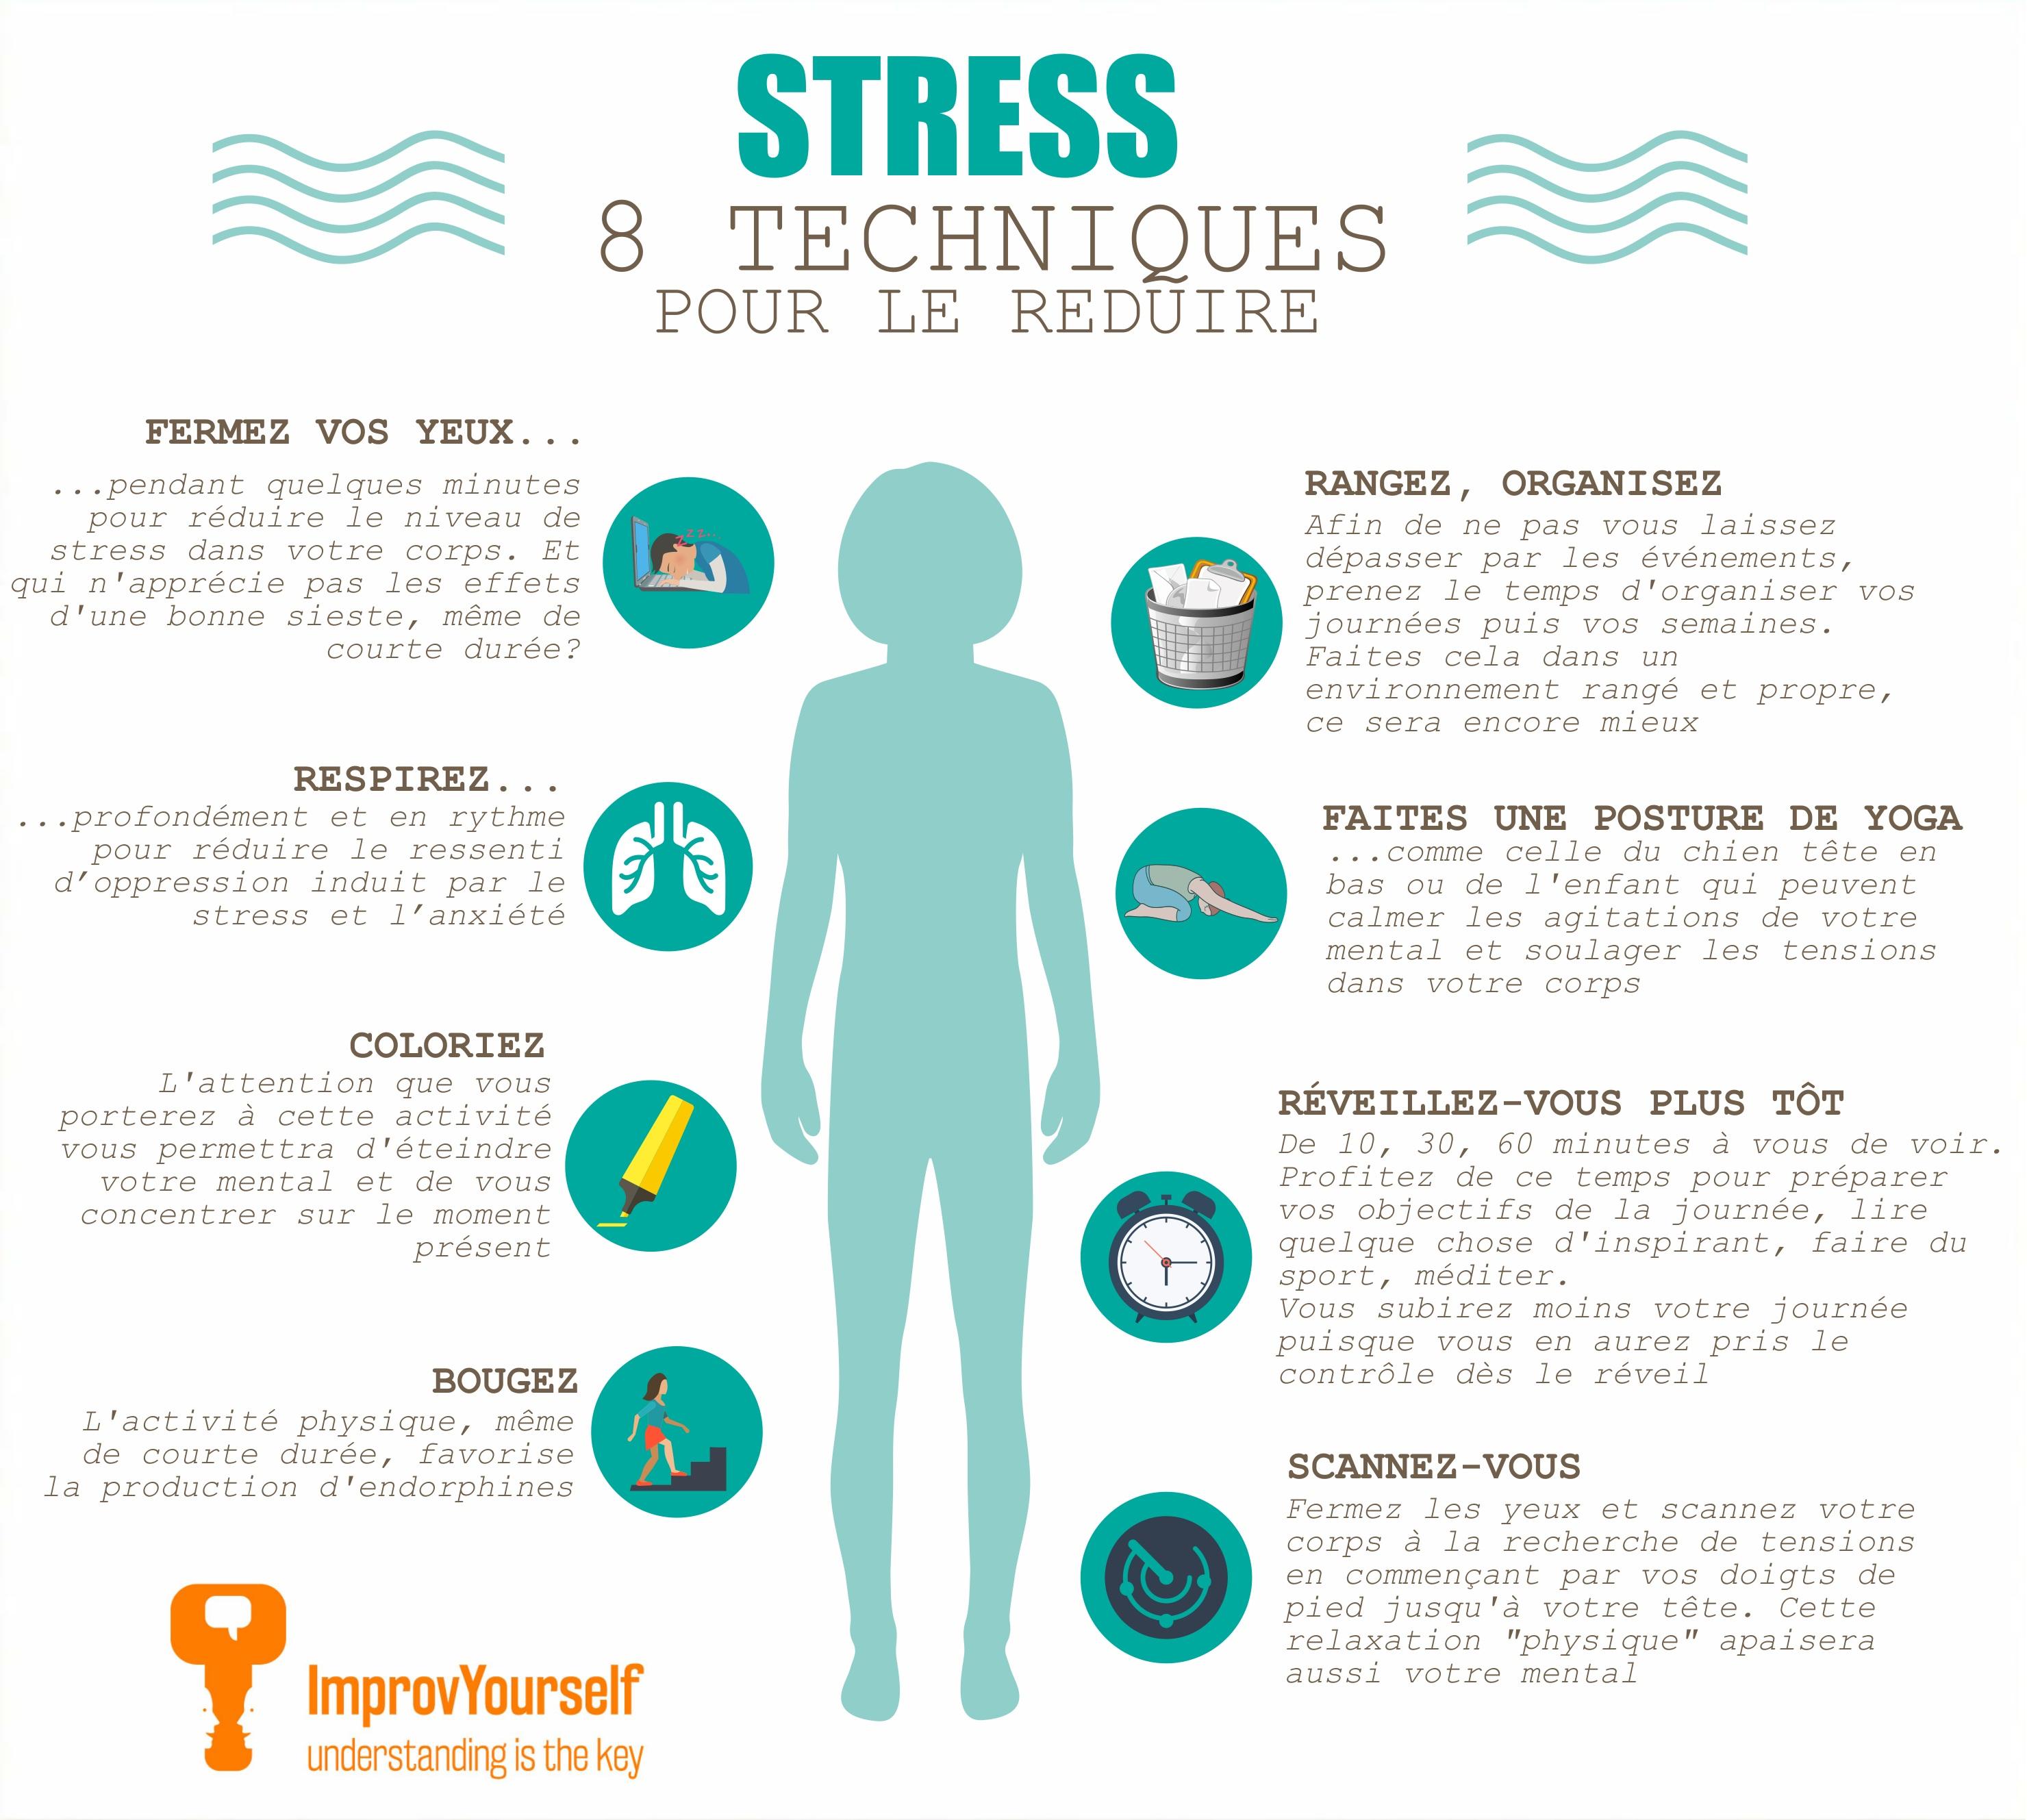 Techniques de gestion du stress